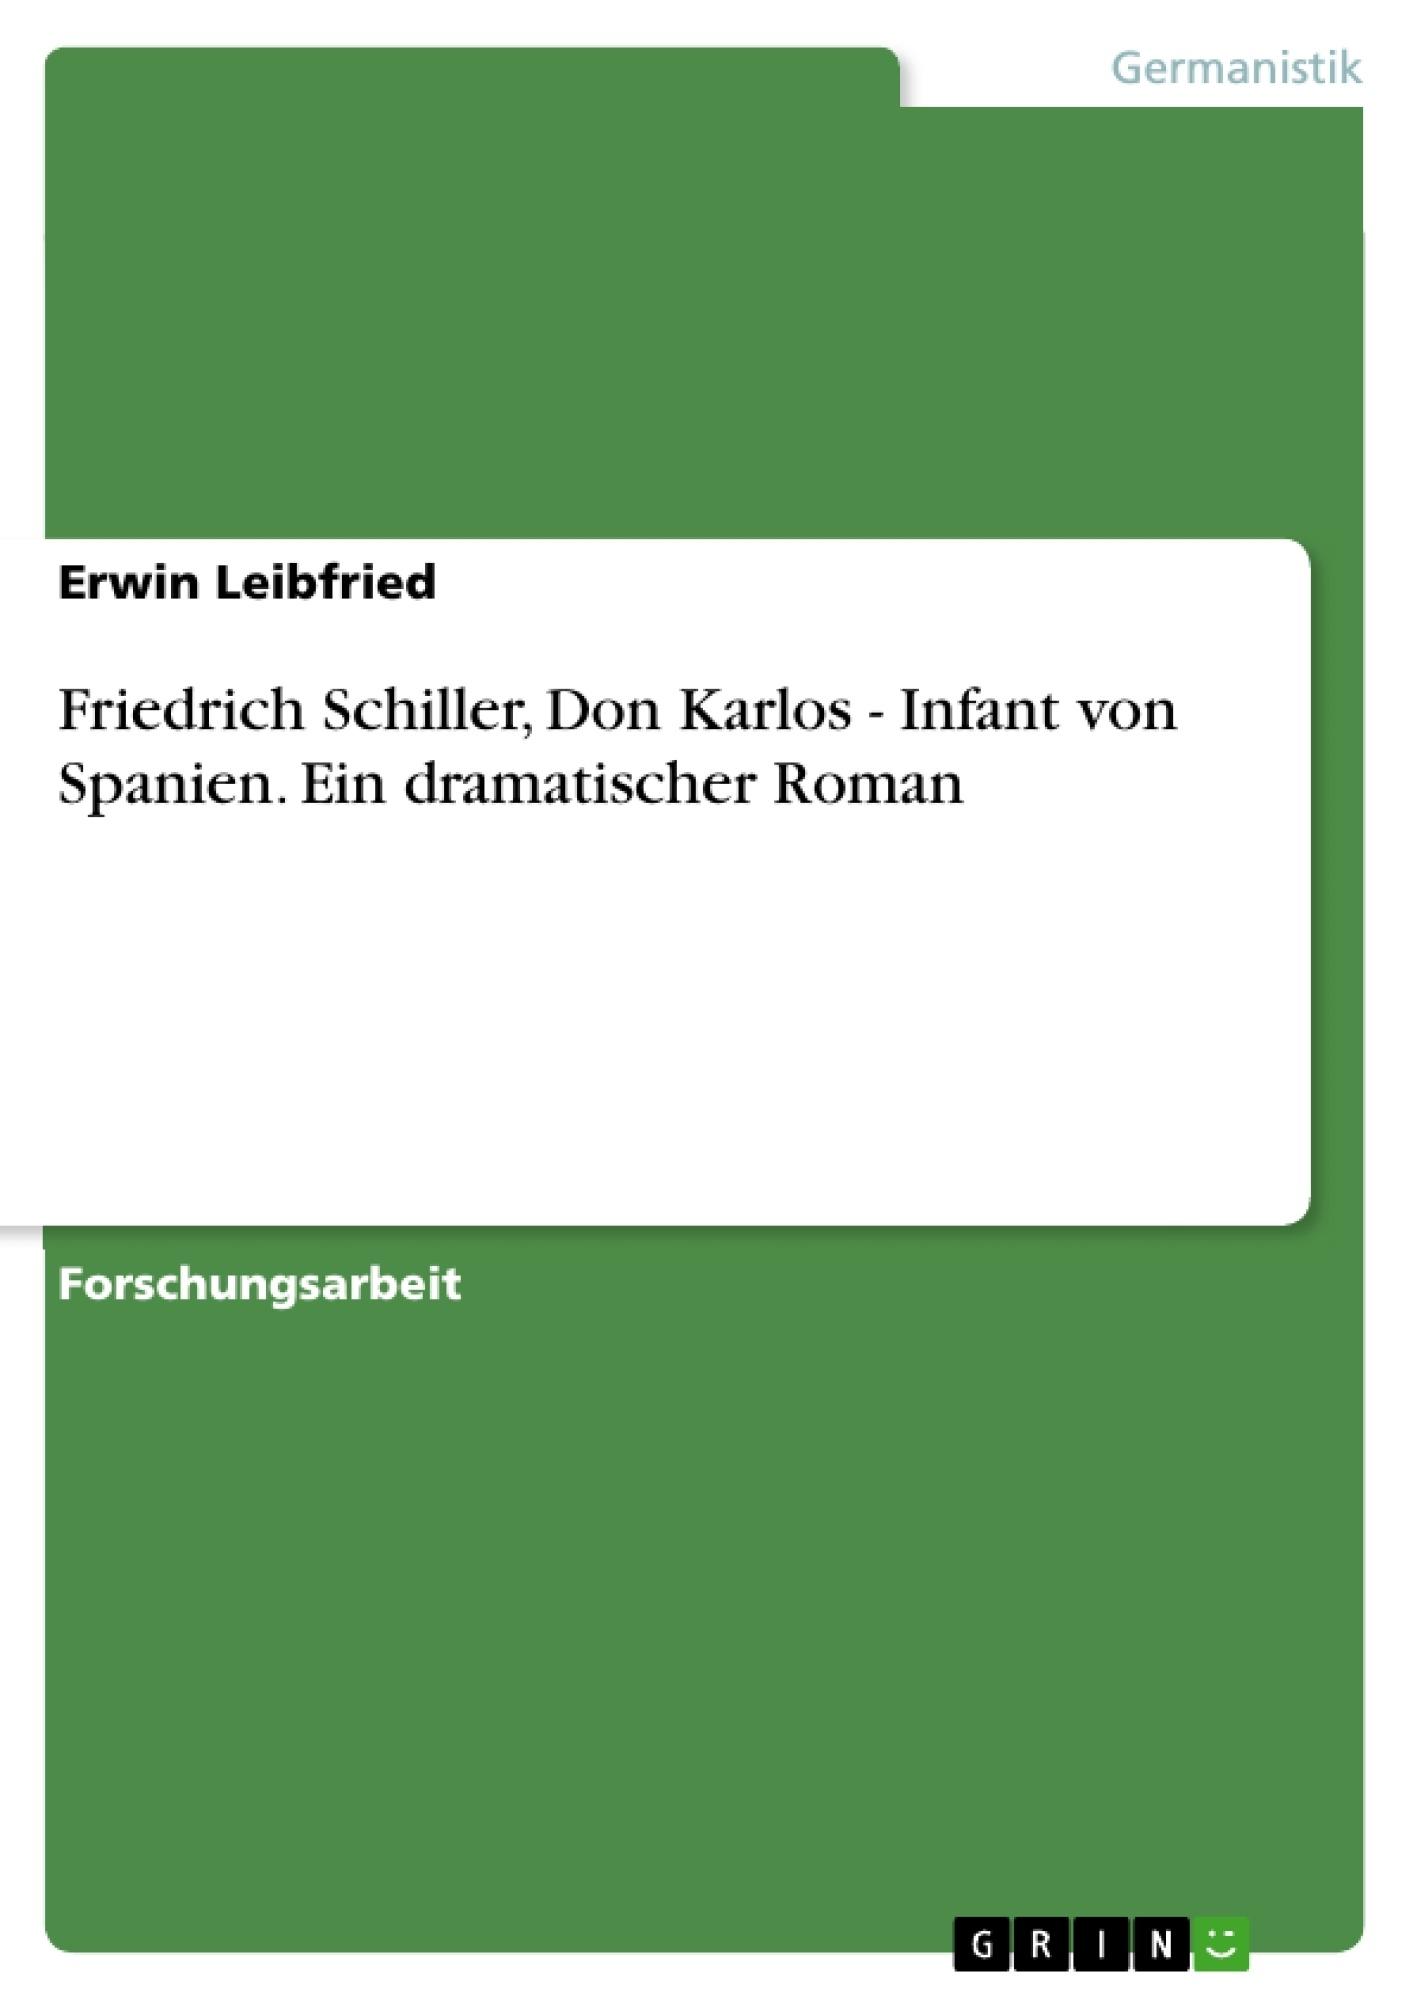 Titel: Friedrich Schiller, Don Karlos - Infant von Spanien. Ein dramatischer Roman